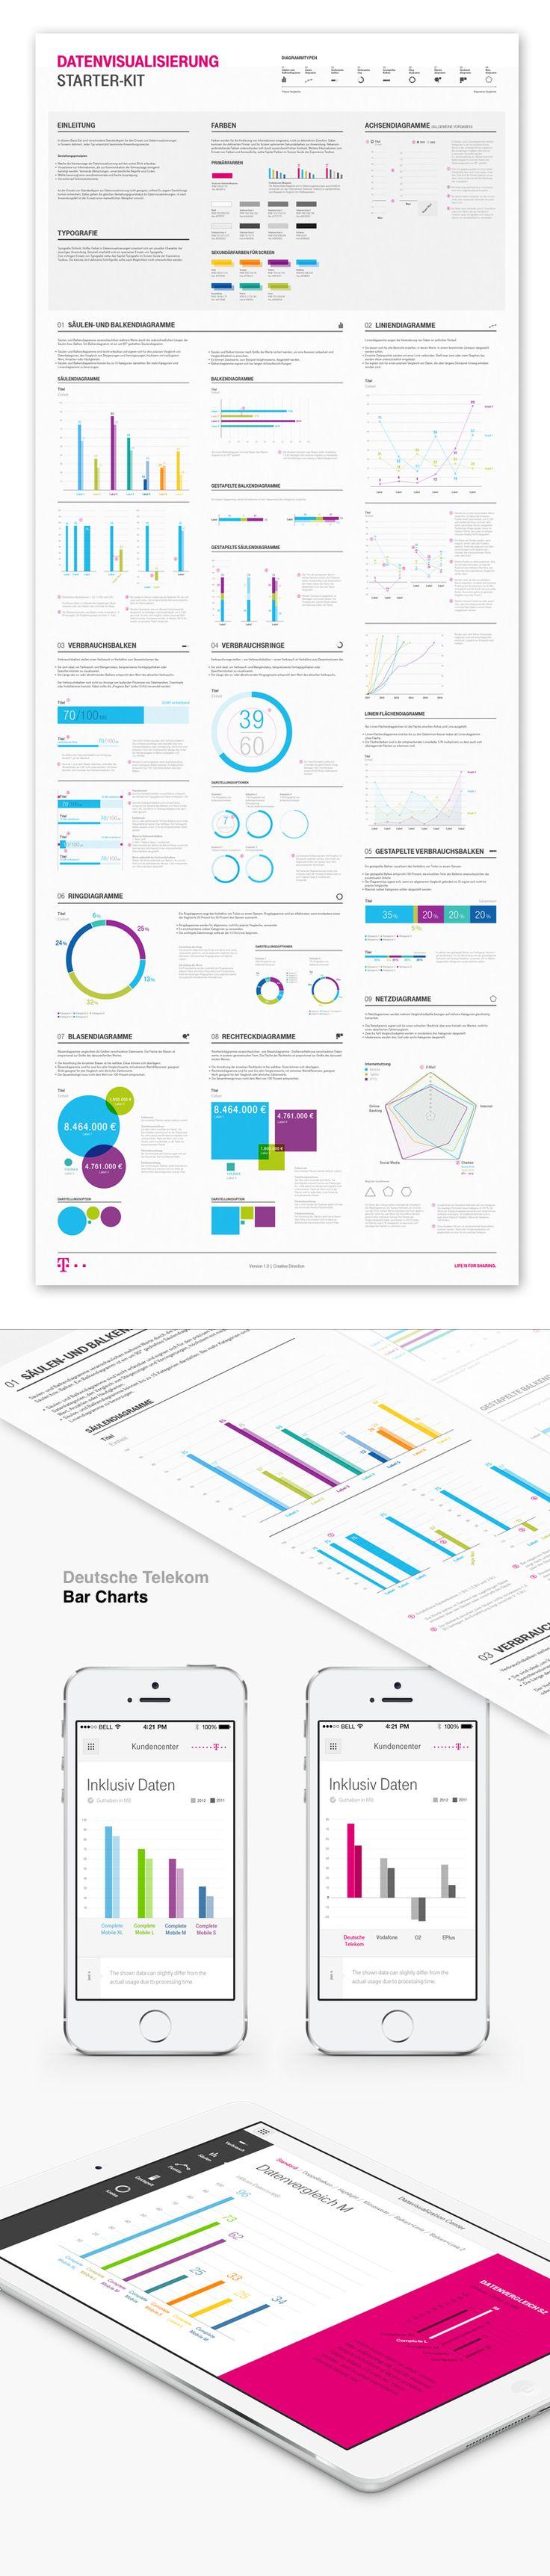 Extrêmement 25+ unique Graph visualization ideas on Pinterest | Graph design  HV62